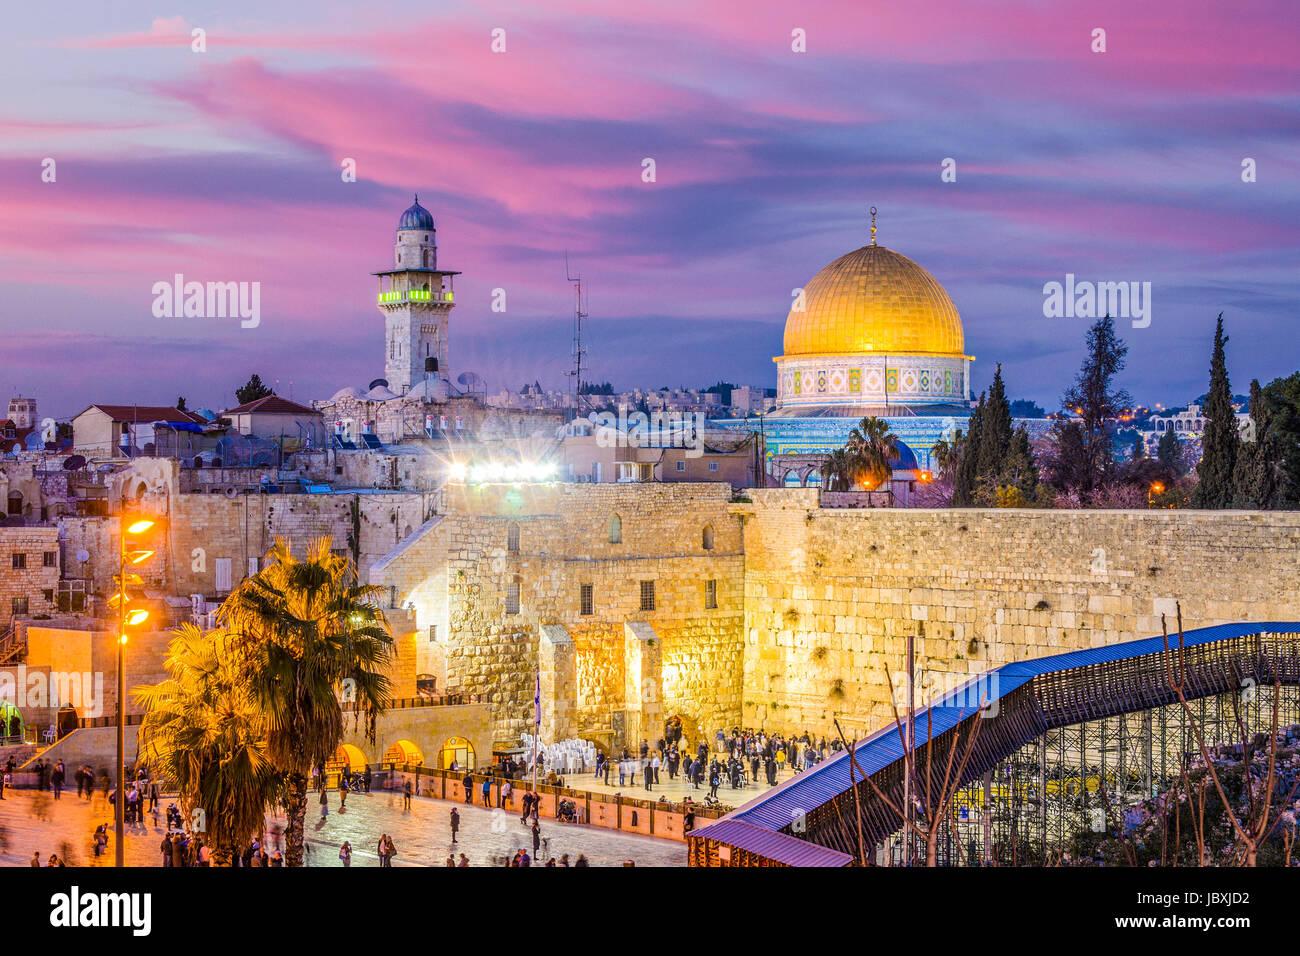 Skyline der Altstadt an der Klagemauer und der Tempelberg in Jerusalem, Israel. Stockbild